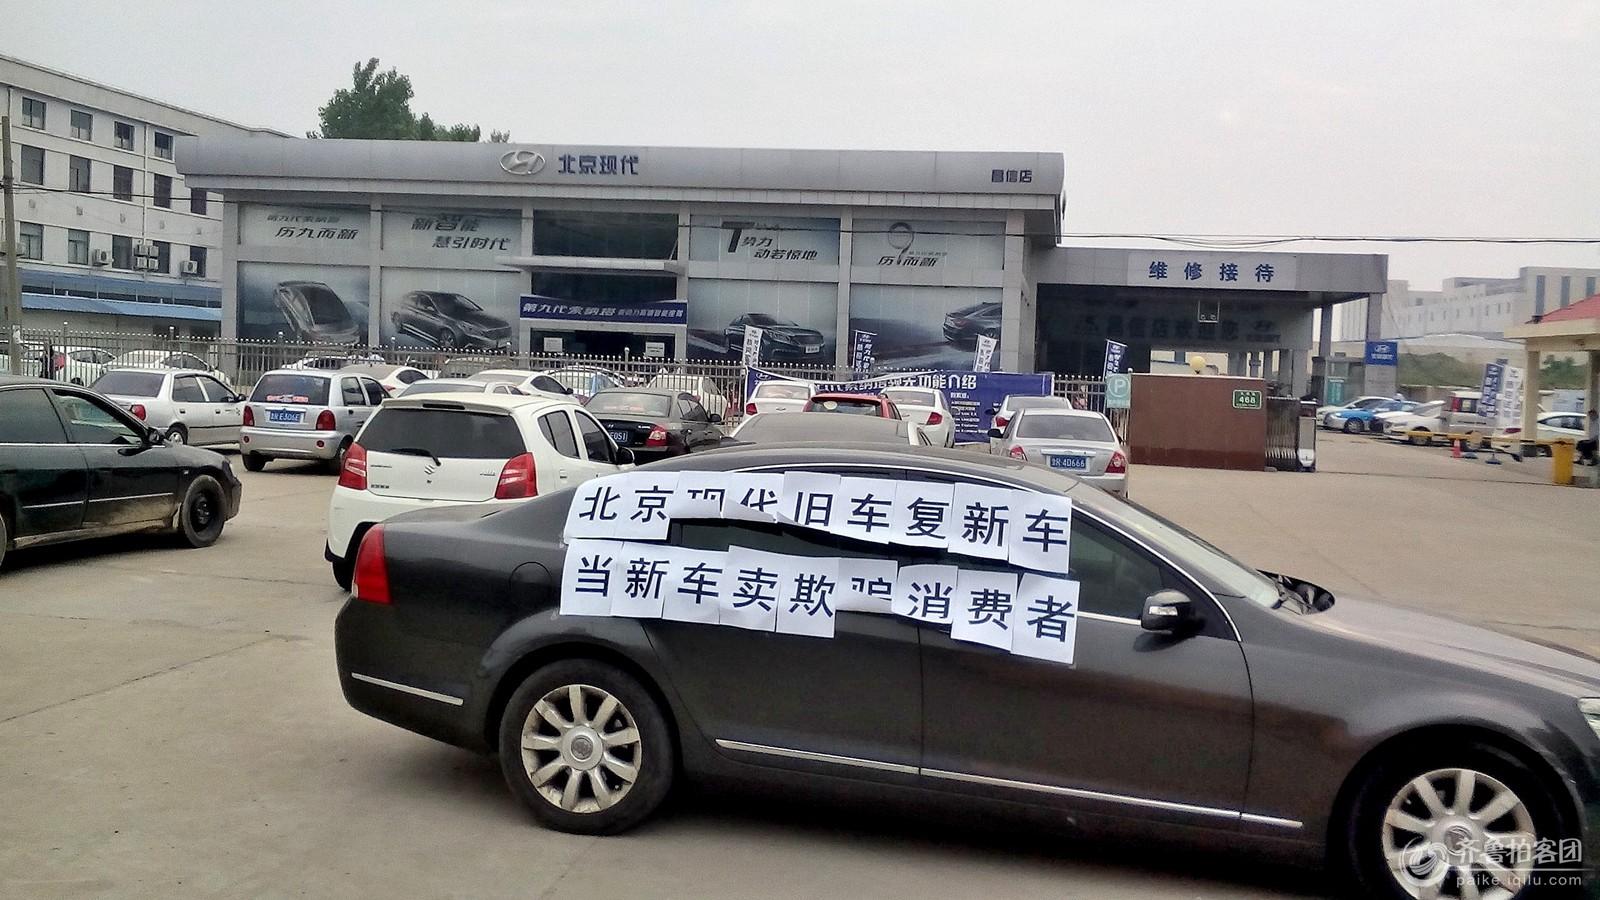 北京车辆过户时间_北京买的新车,旧车过户北京牌照多长时间能上牌。谢谢-